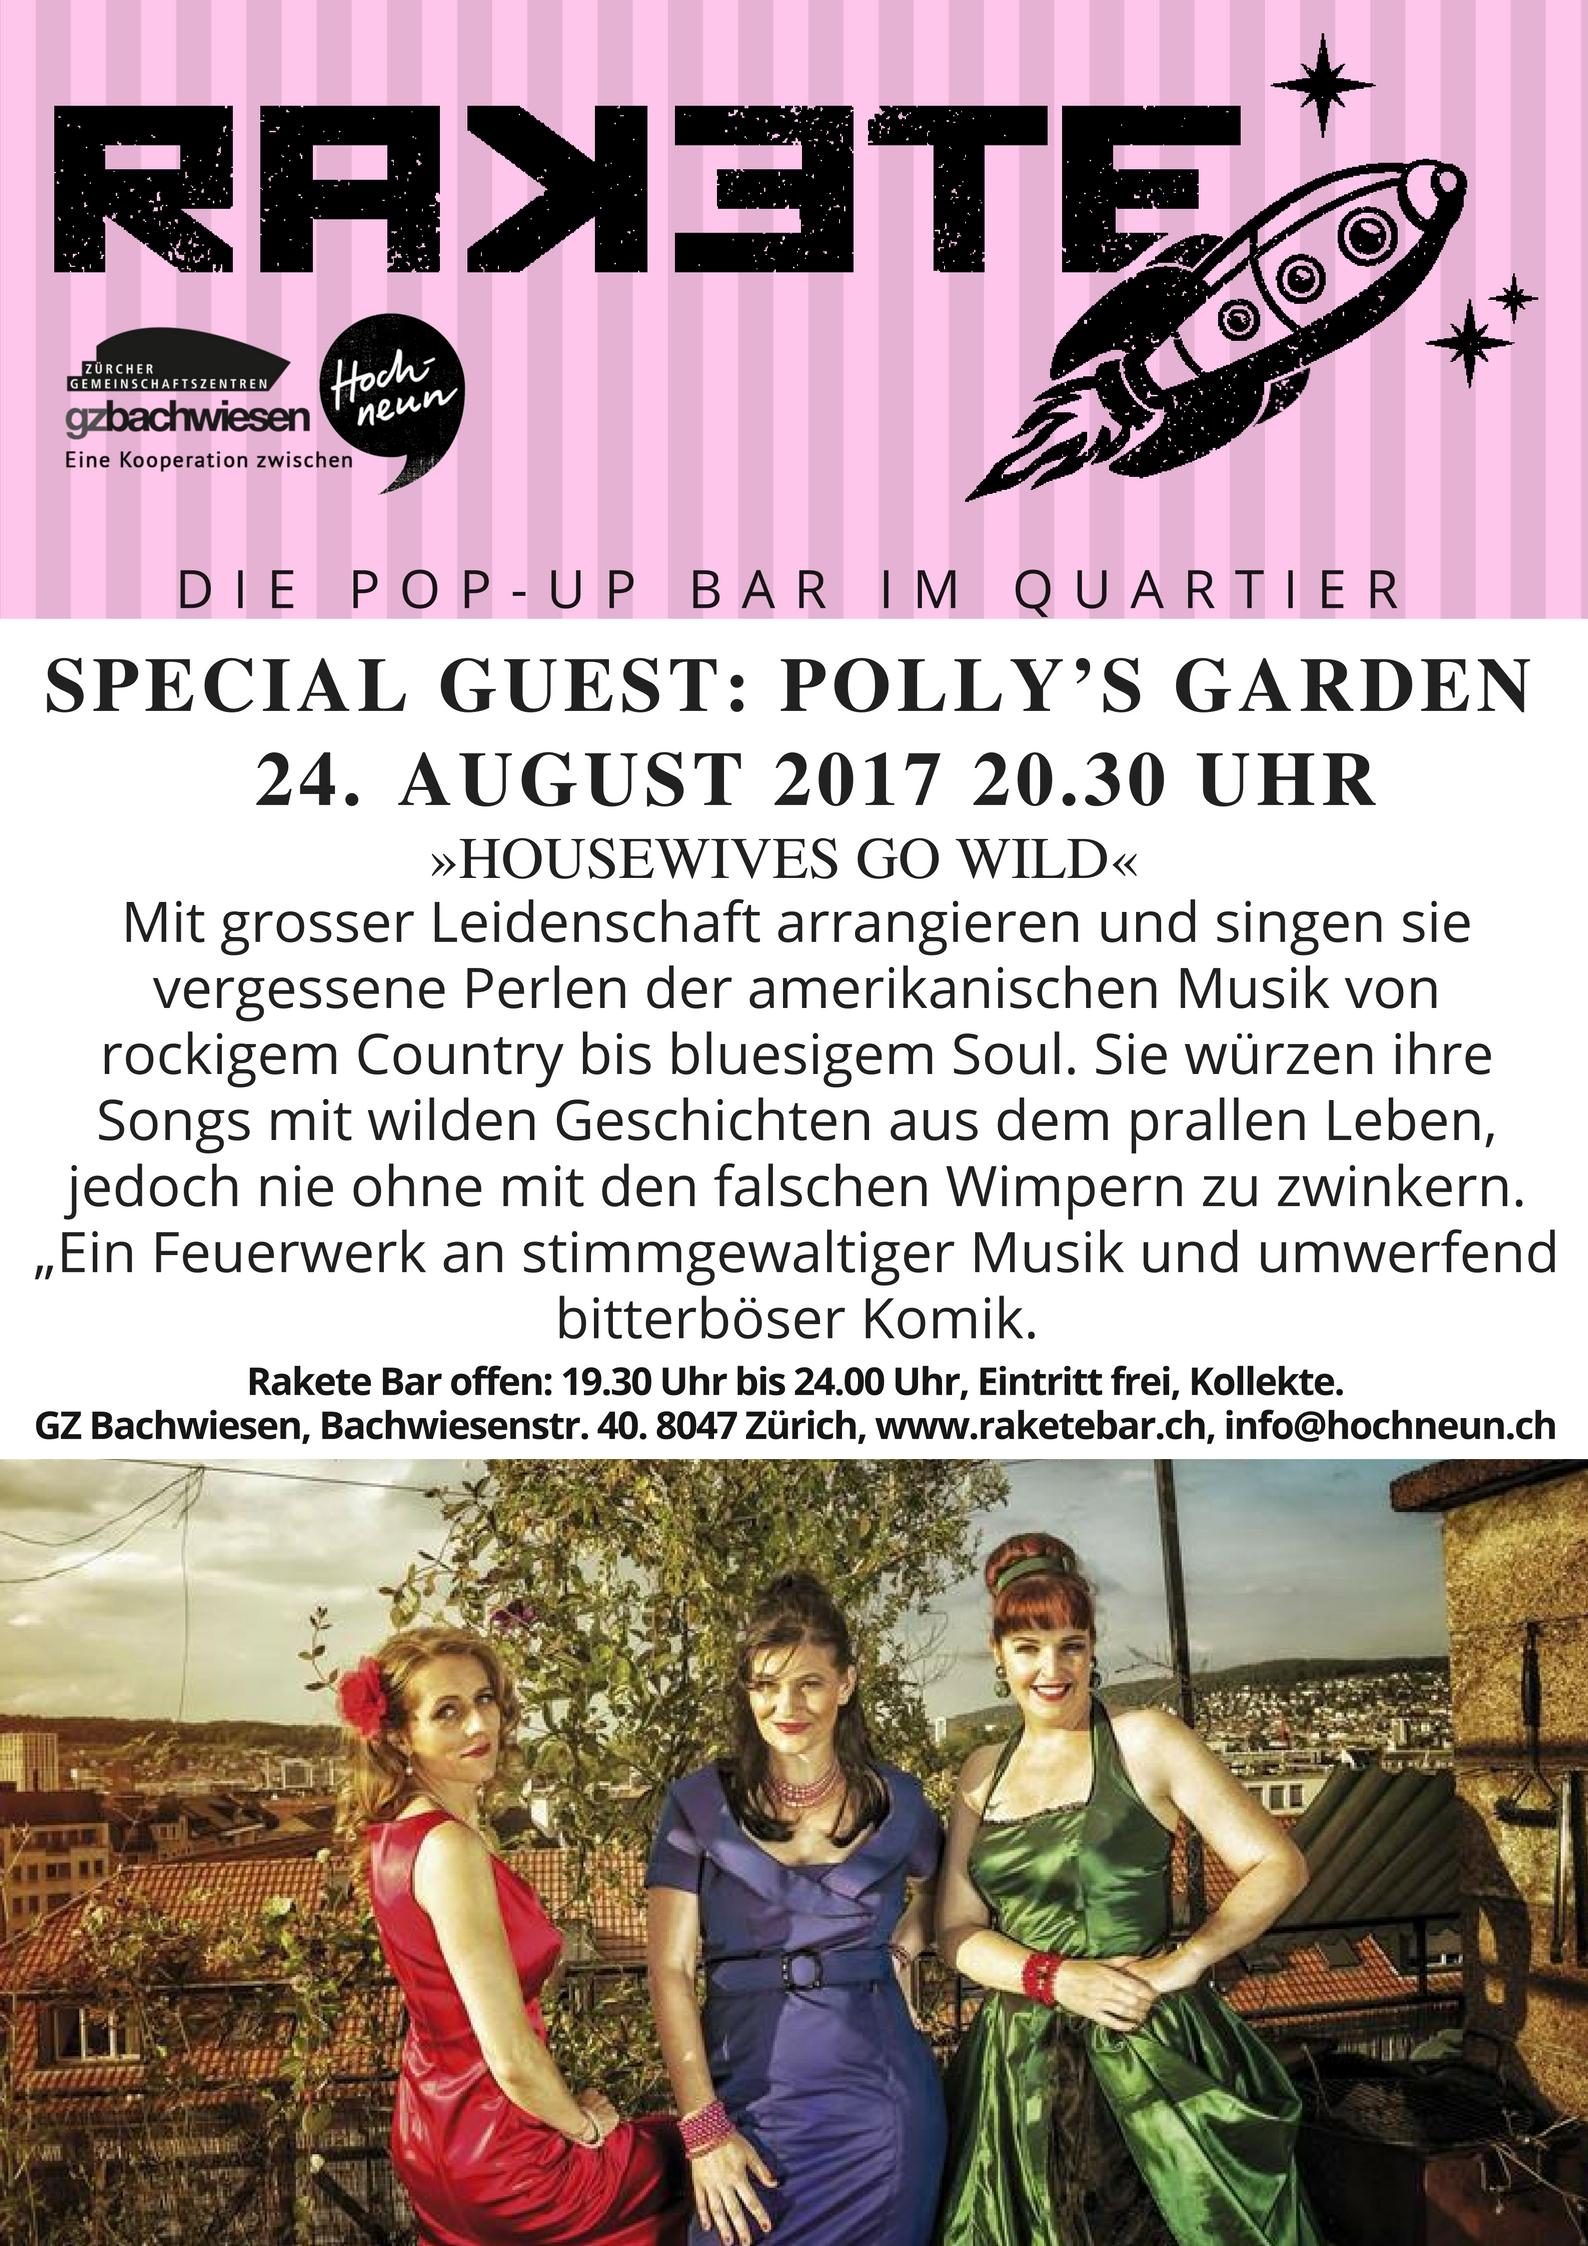 Pollys Garden in der Rakete